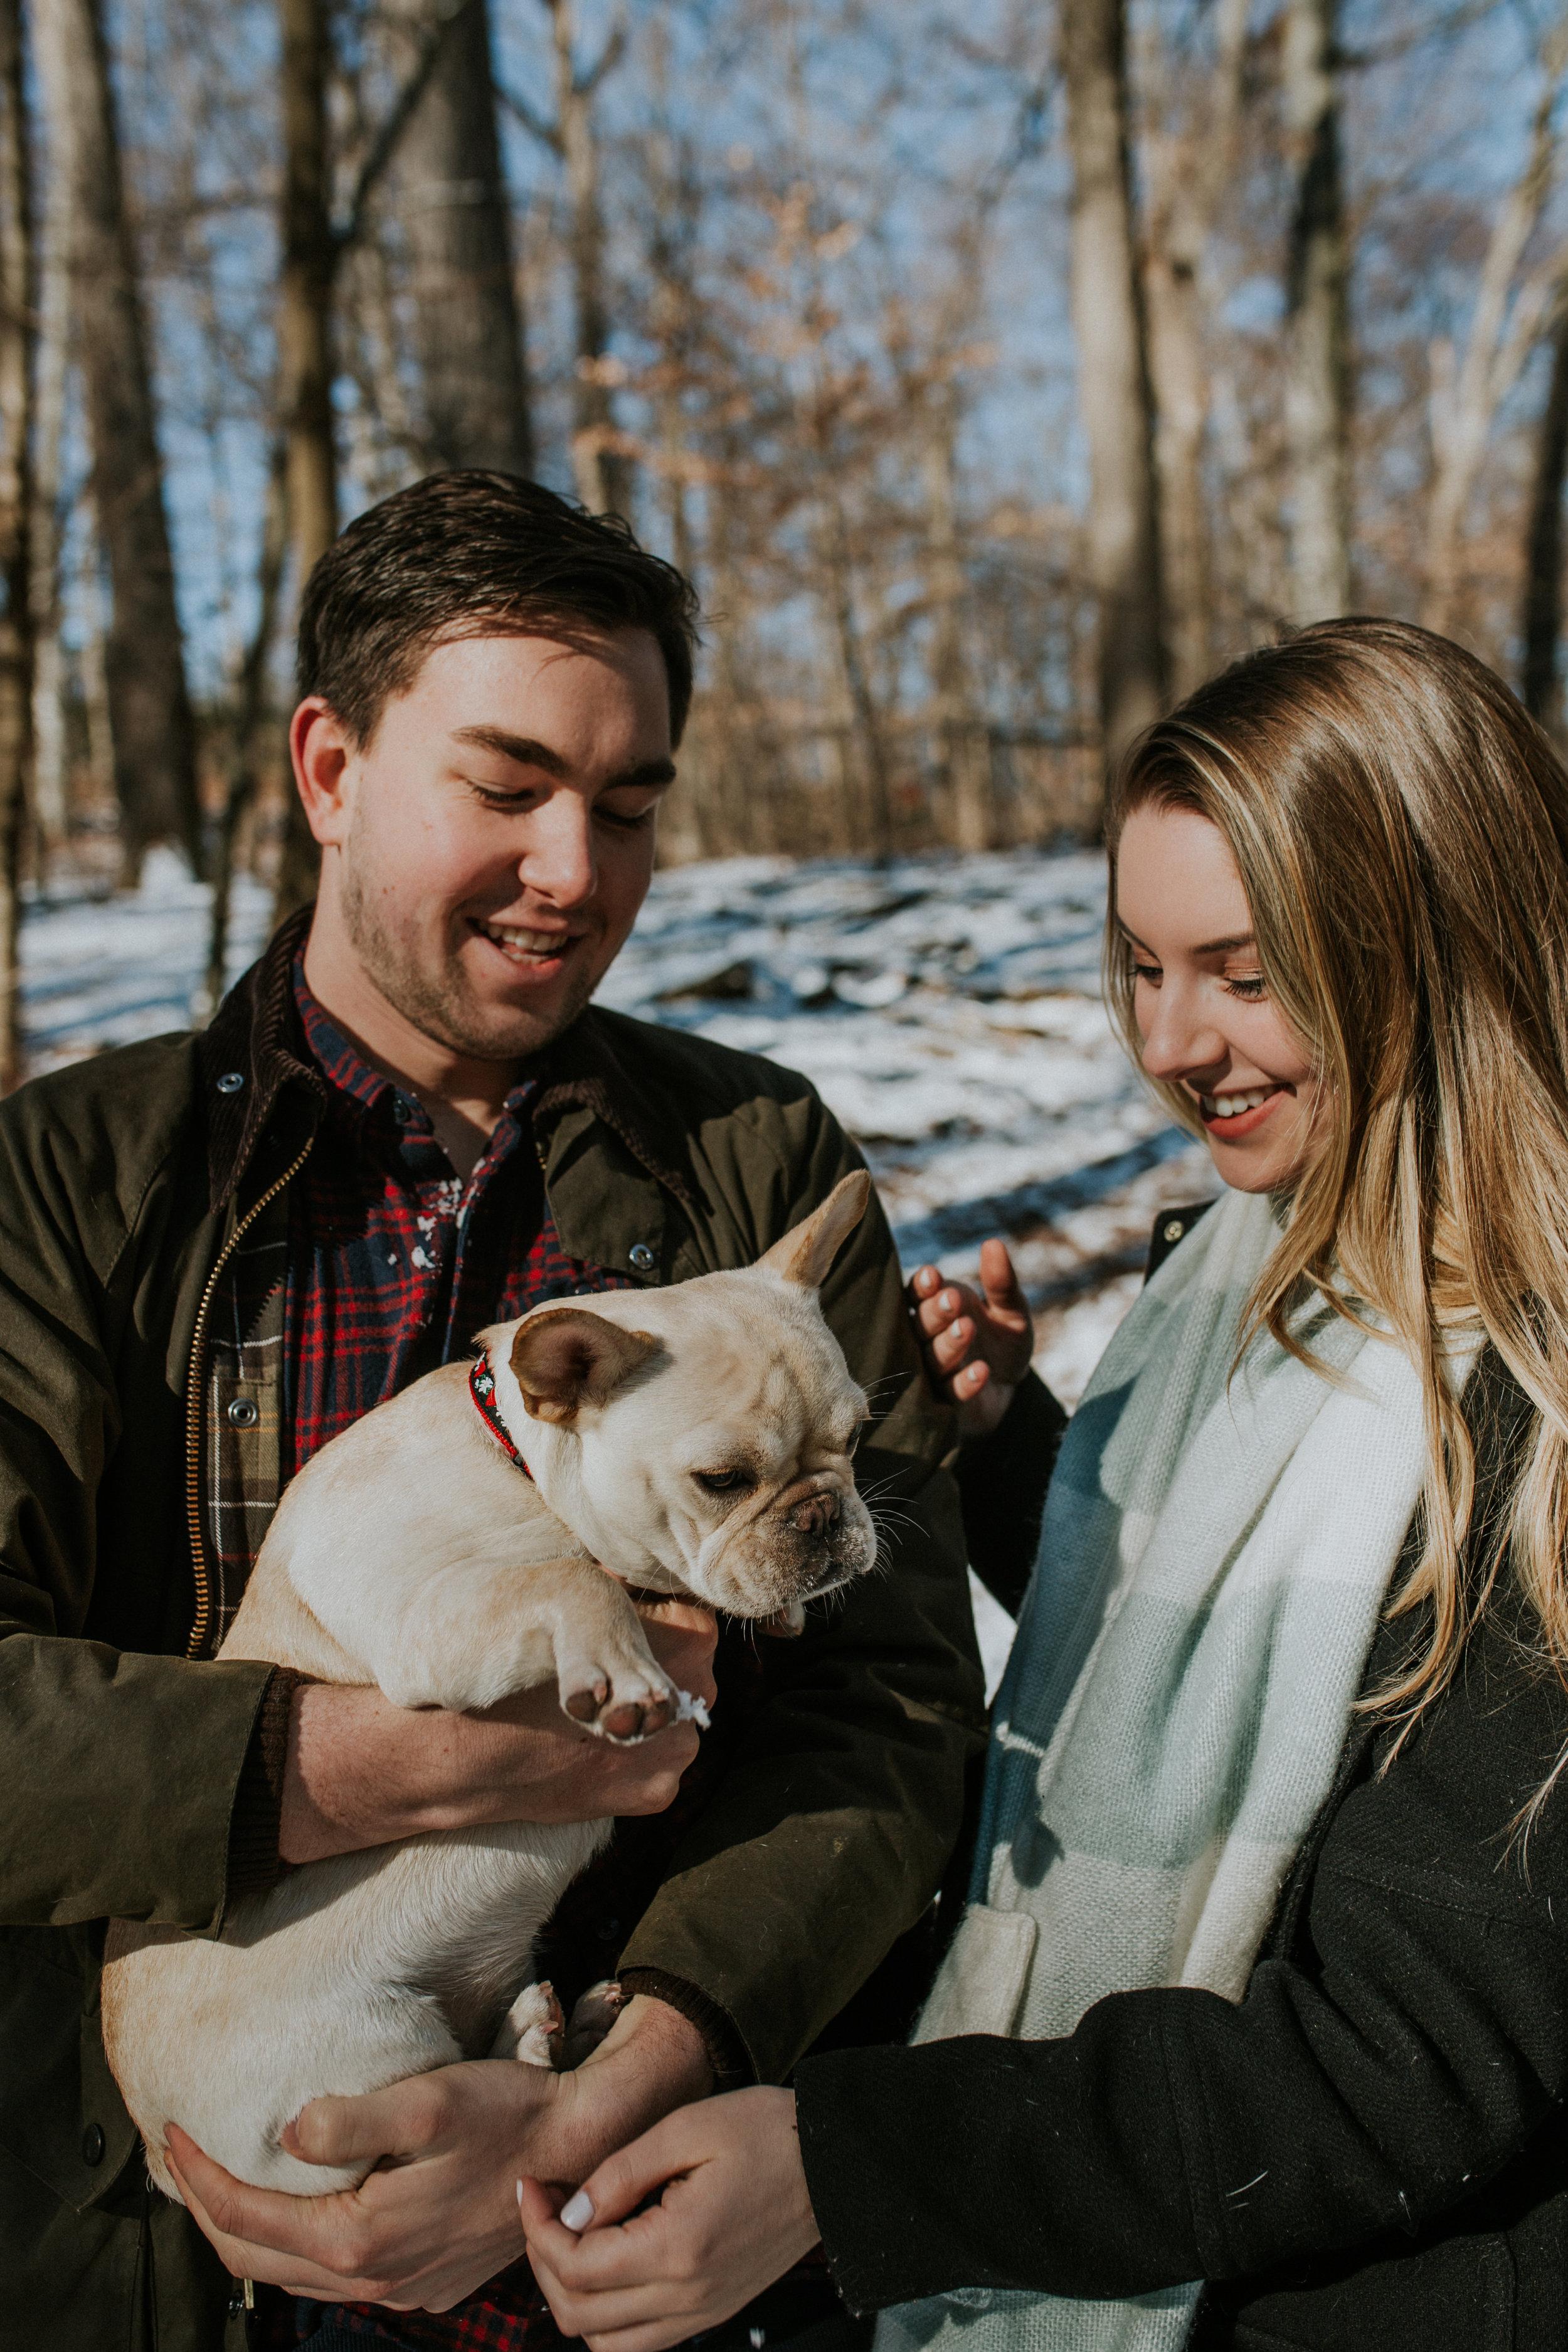 French bulldog great dane dog photography lifestyle nyc new york photographer hipster boho couple engagement-24.jpg